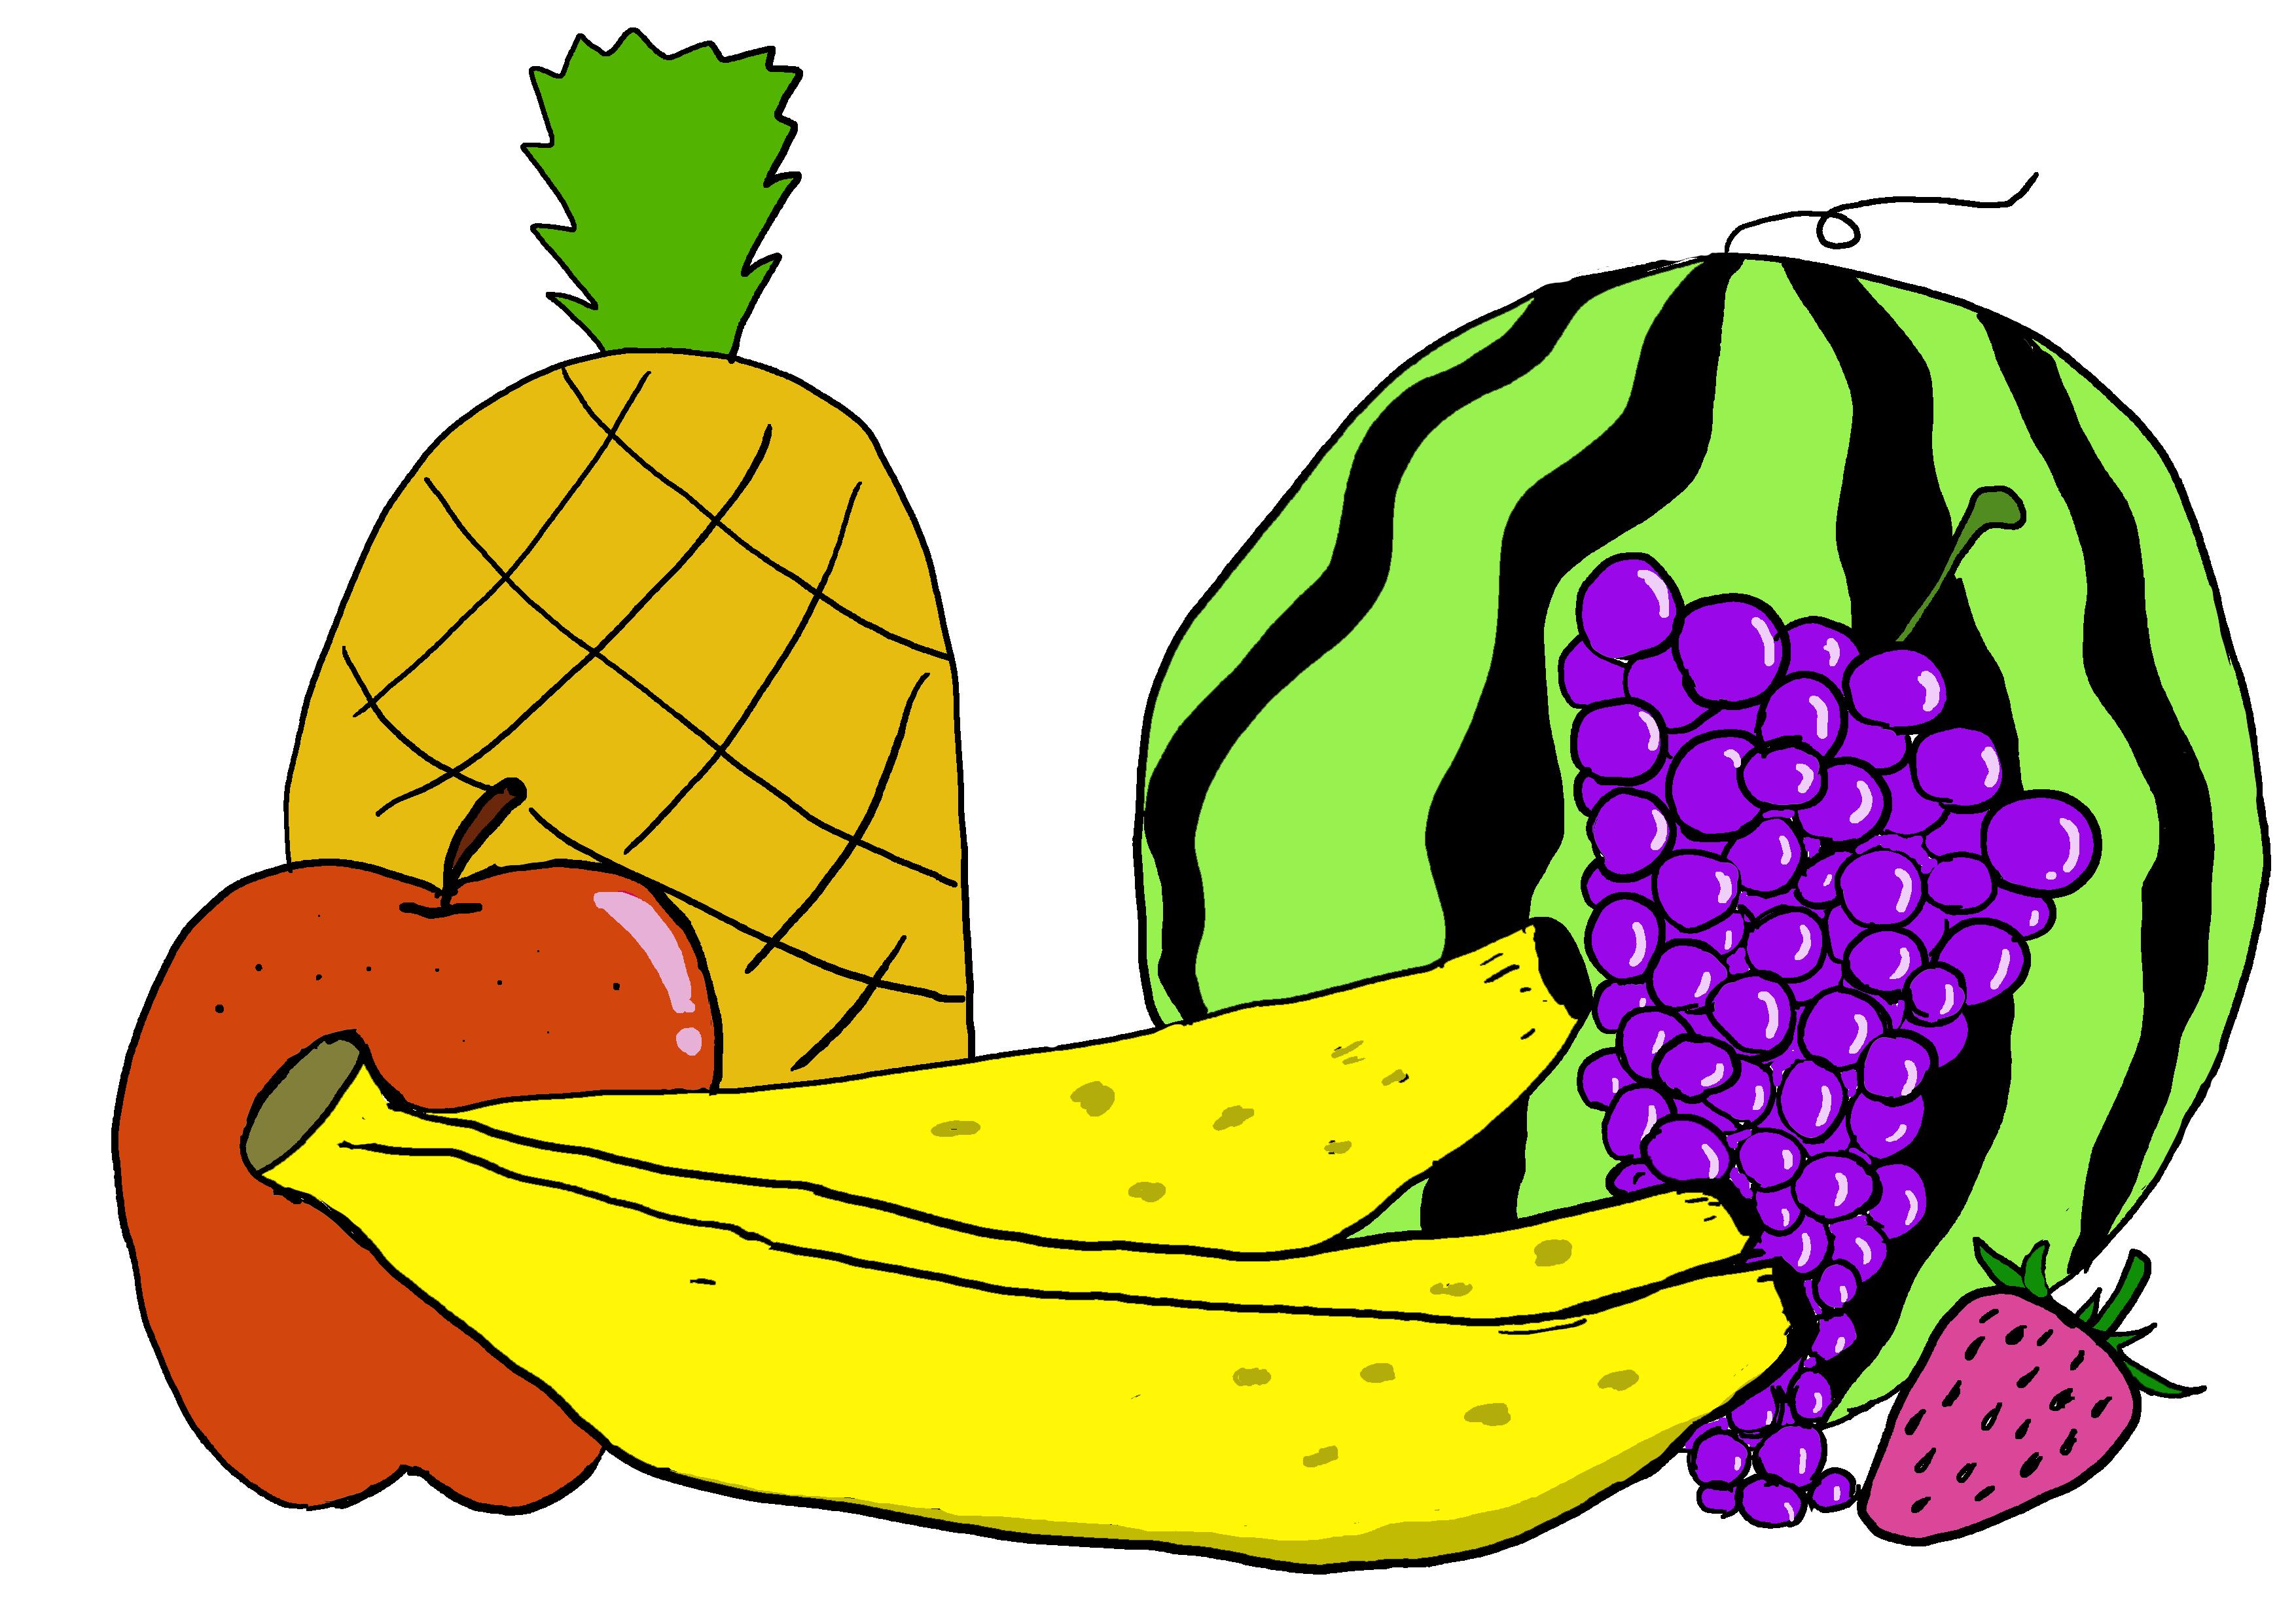 商用フリーイラスト【果物】